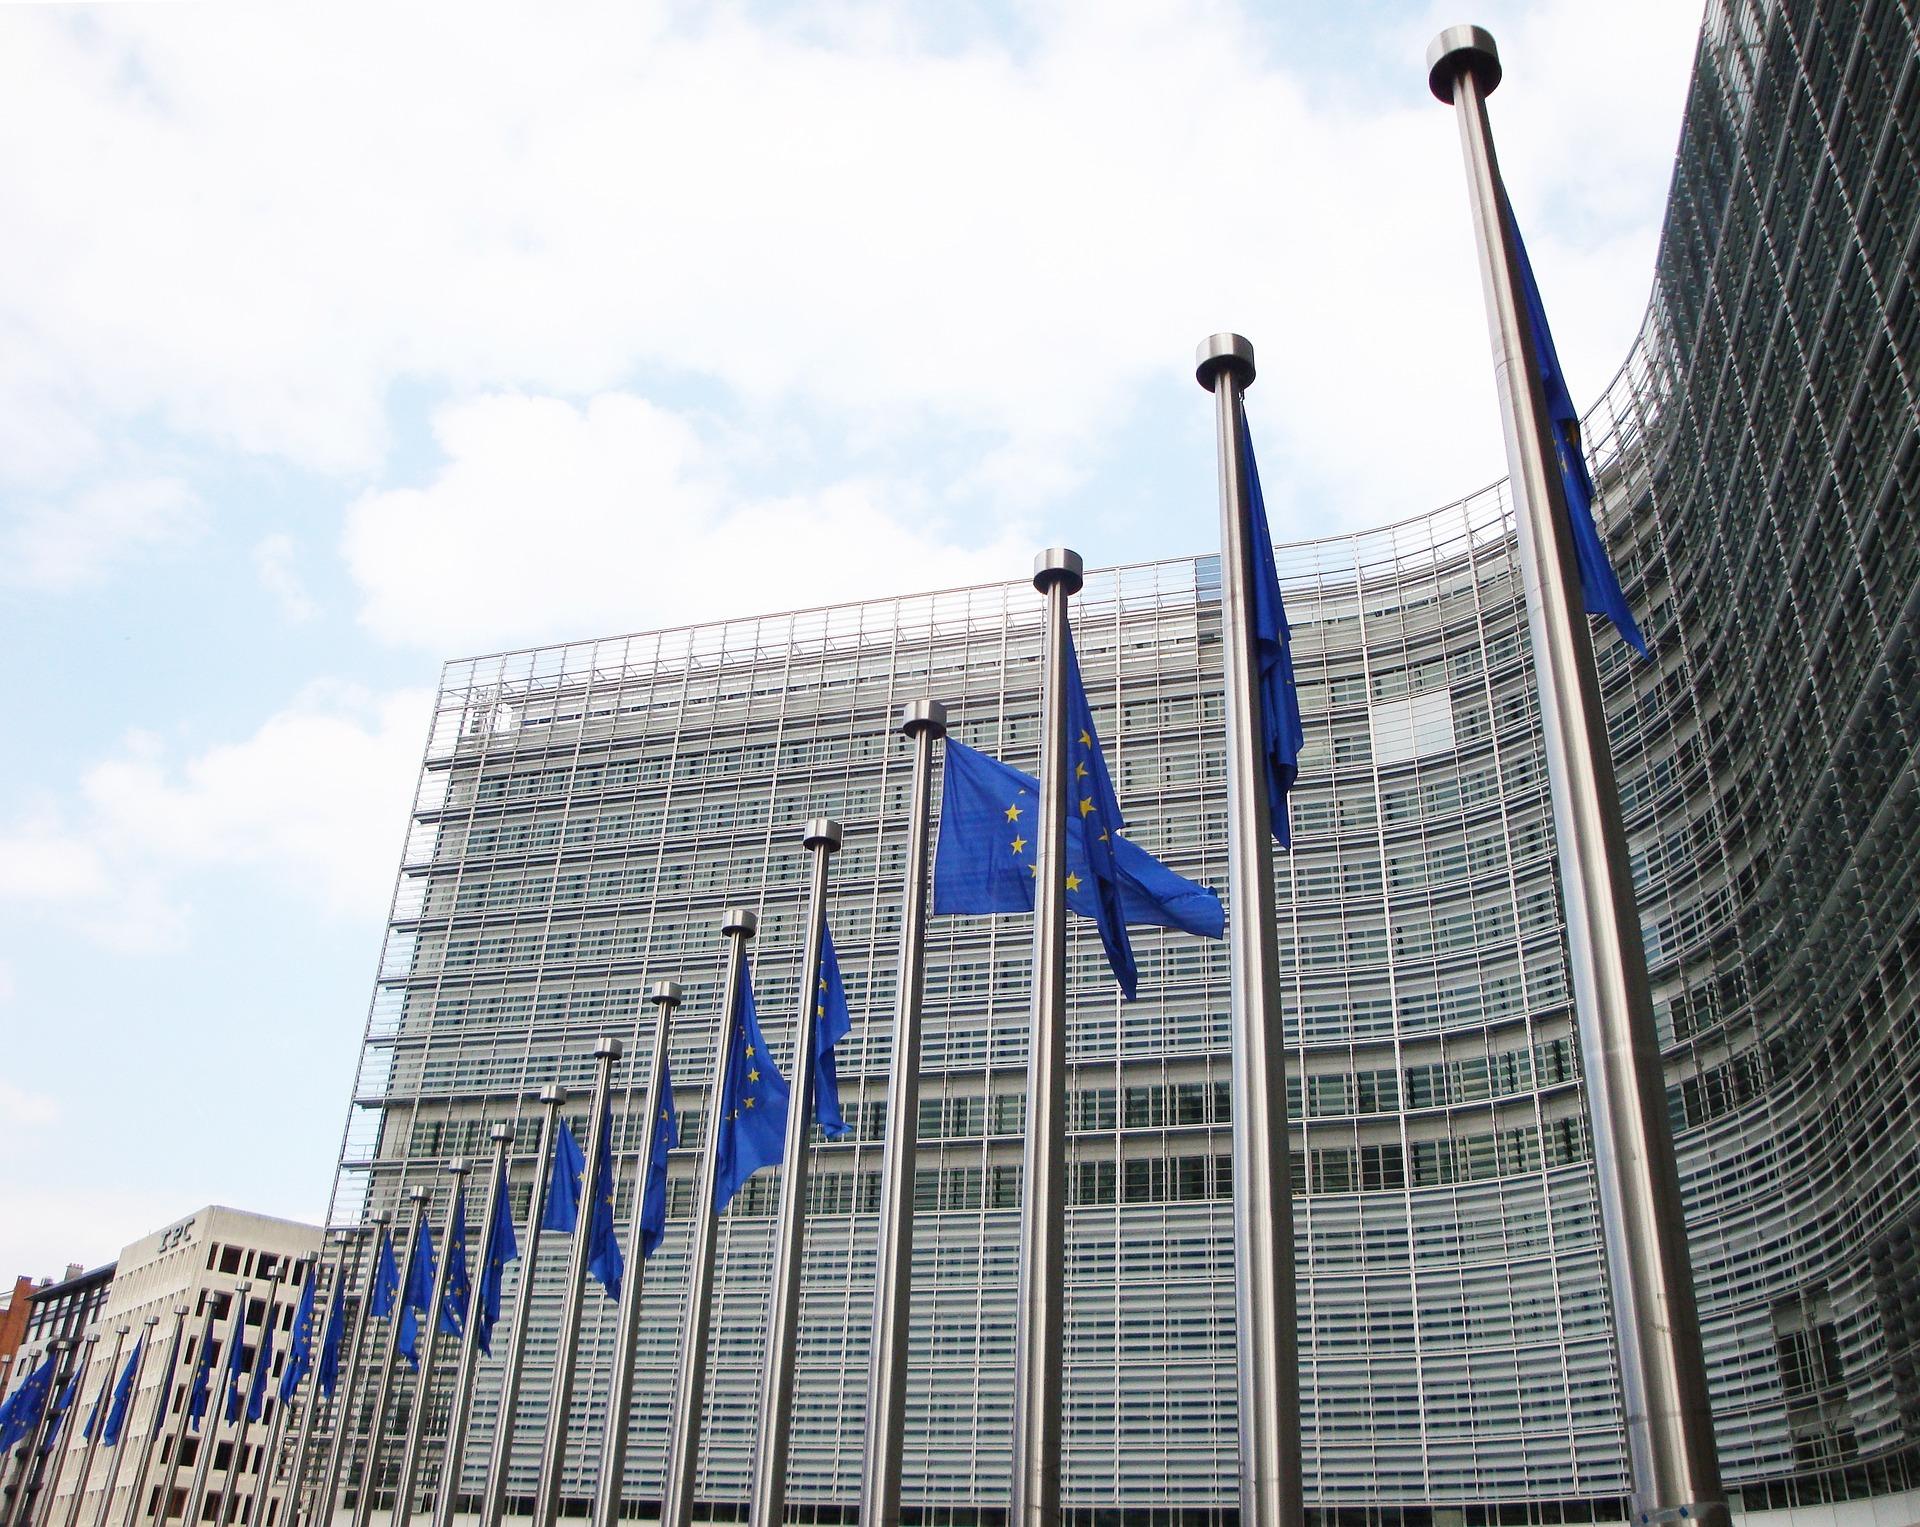 Komisja Europejska ma wystąpić o natychmiastowe zaprzestanie działań w Puszczy Białowieskiej do czasu rozstrzygnięcia sprawy (fot.pixabay)